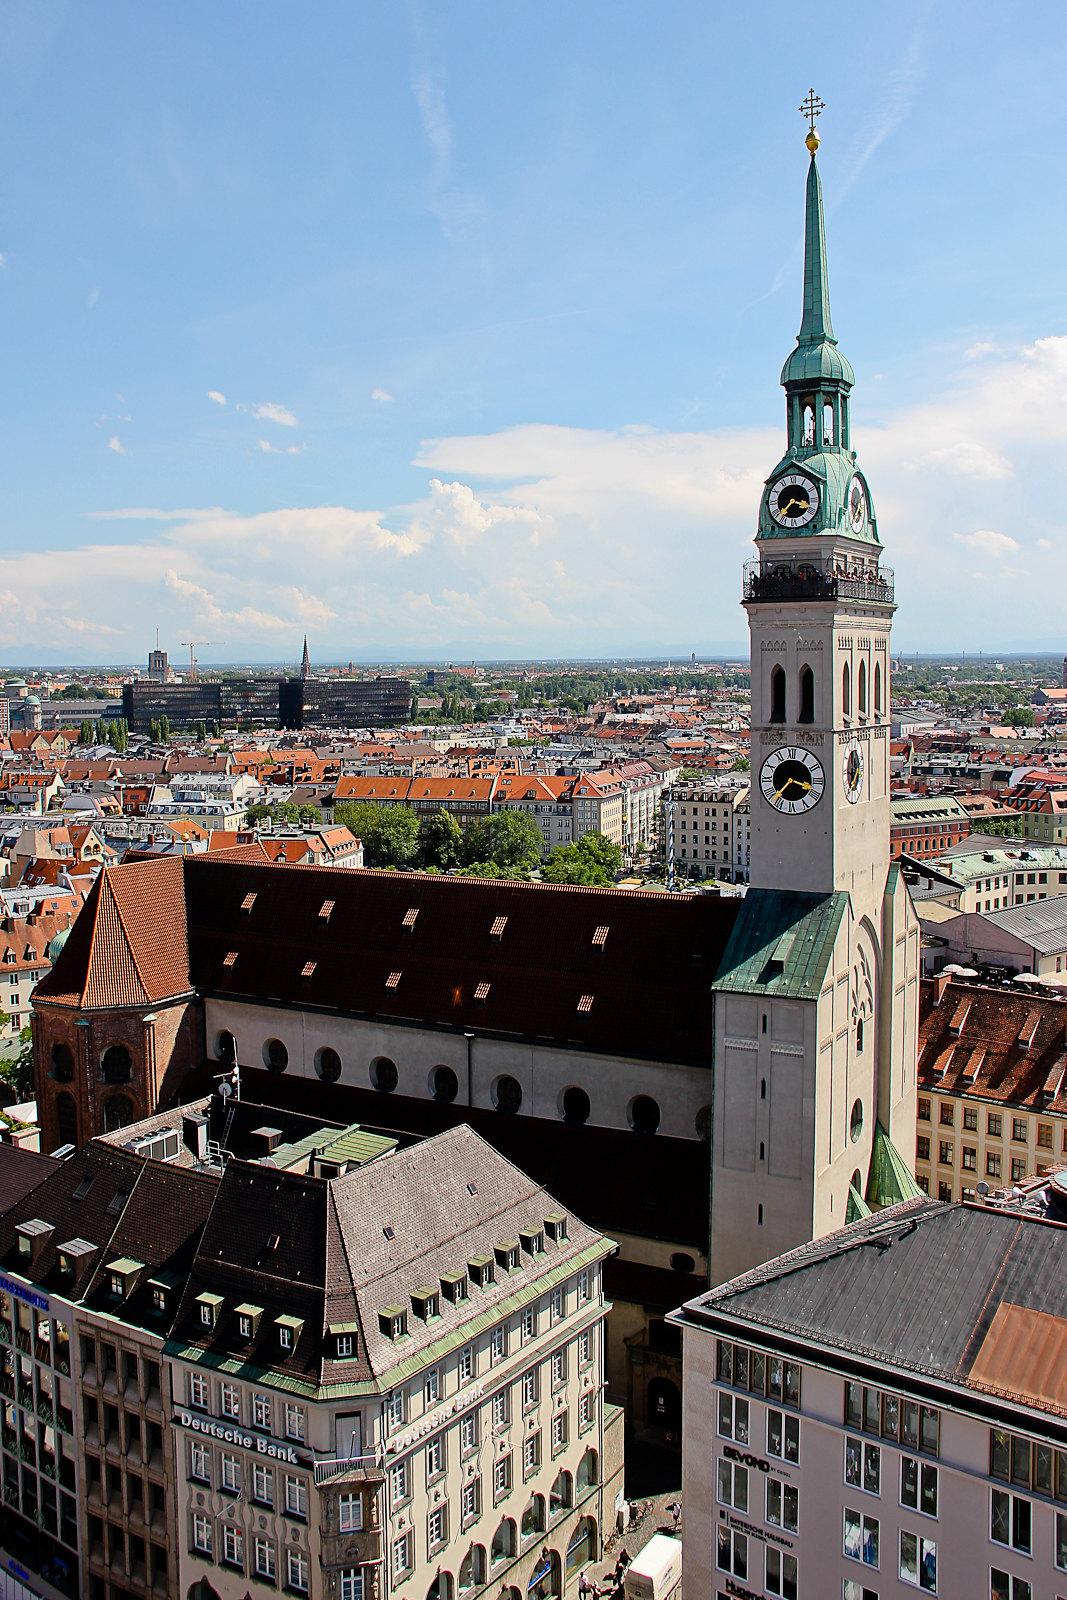 St. Peter's Church, Munich